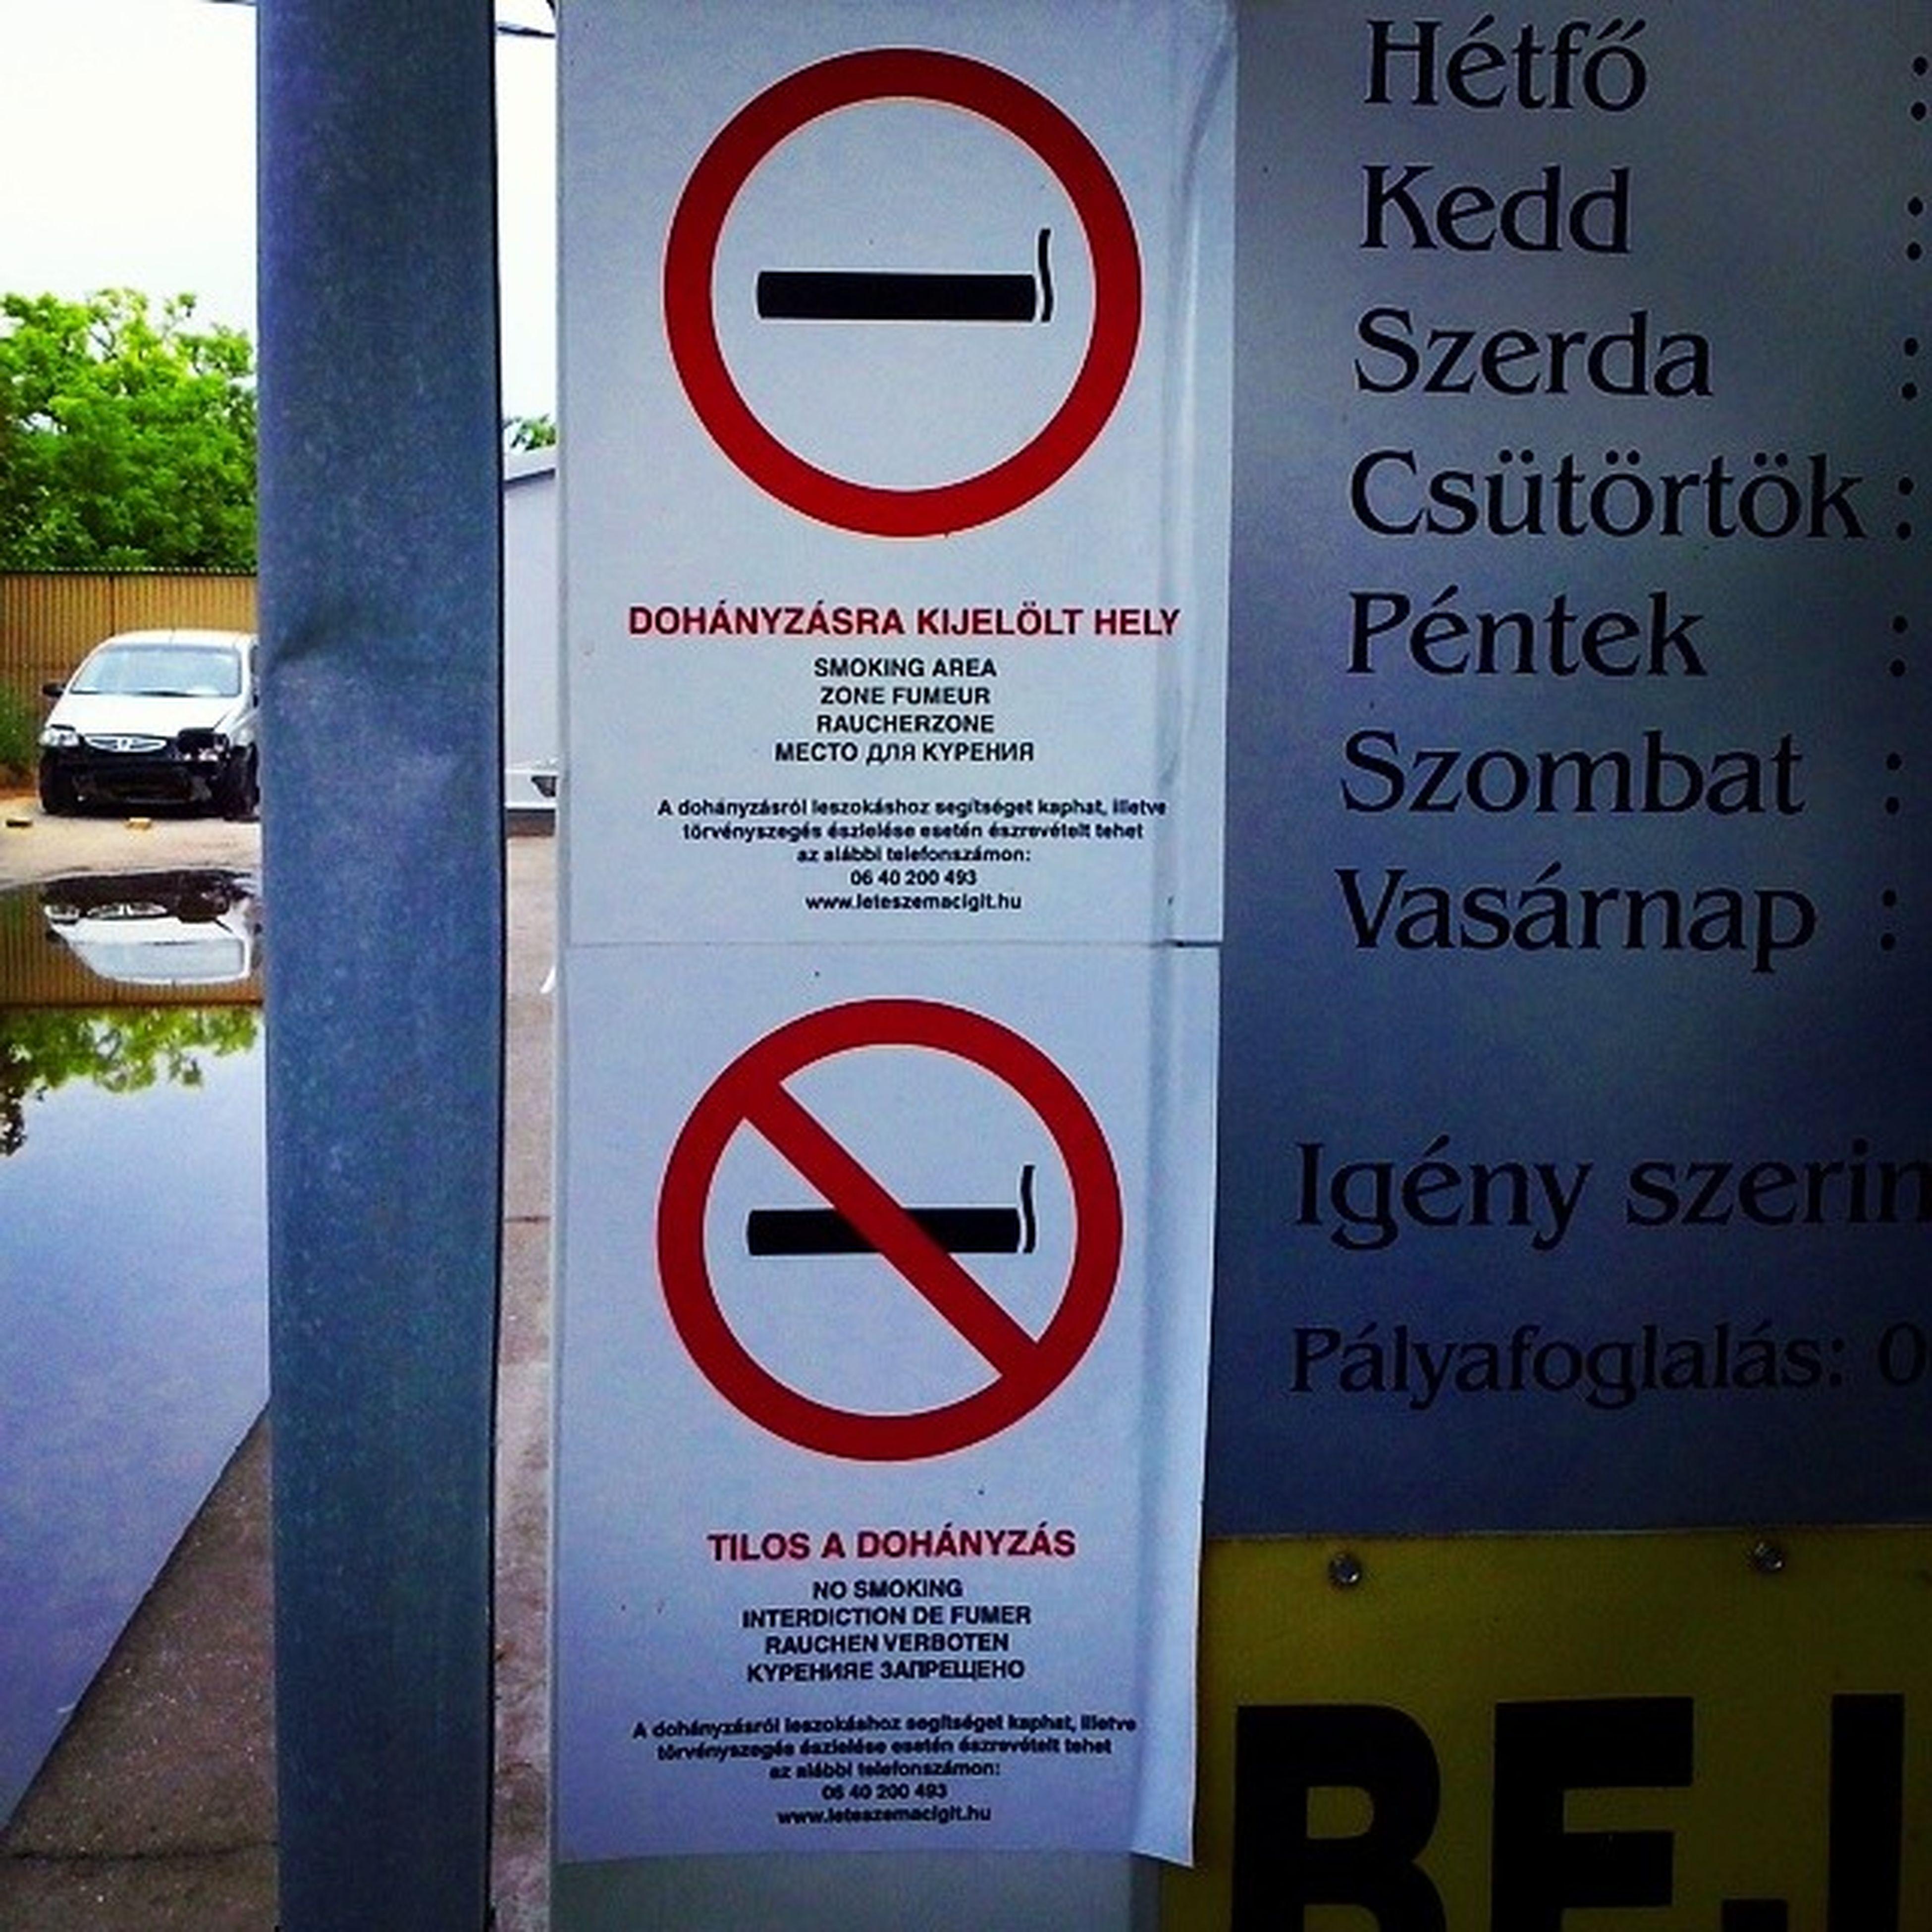 Fail Bigfail BIG Smoke allowed notallowed smooking table gokart szöny cigi cigo dohány miafasztcsináljak?